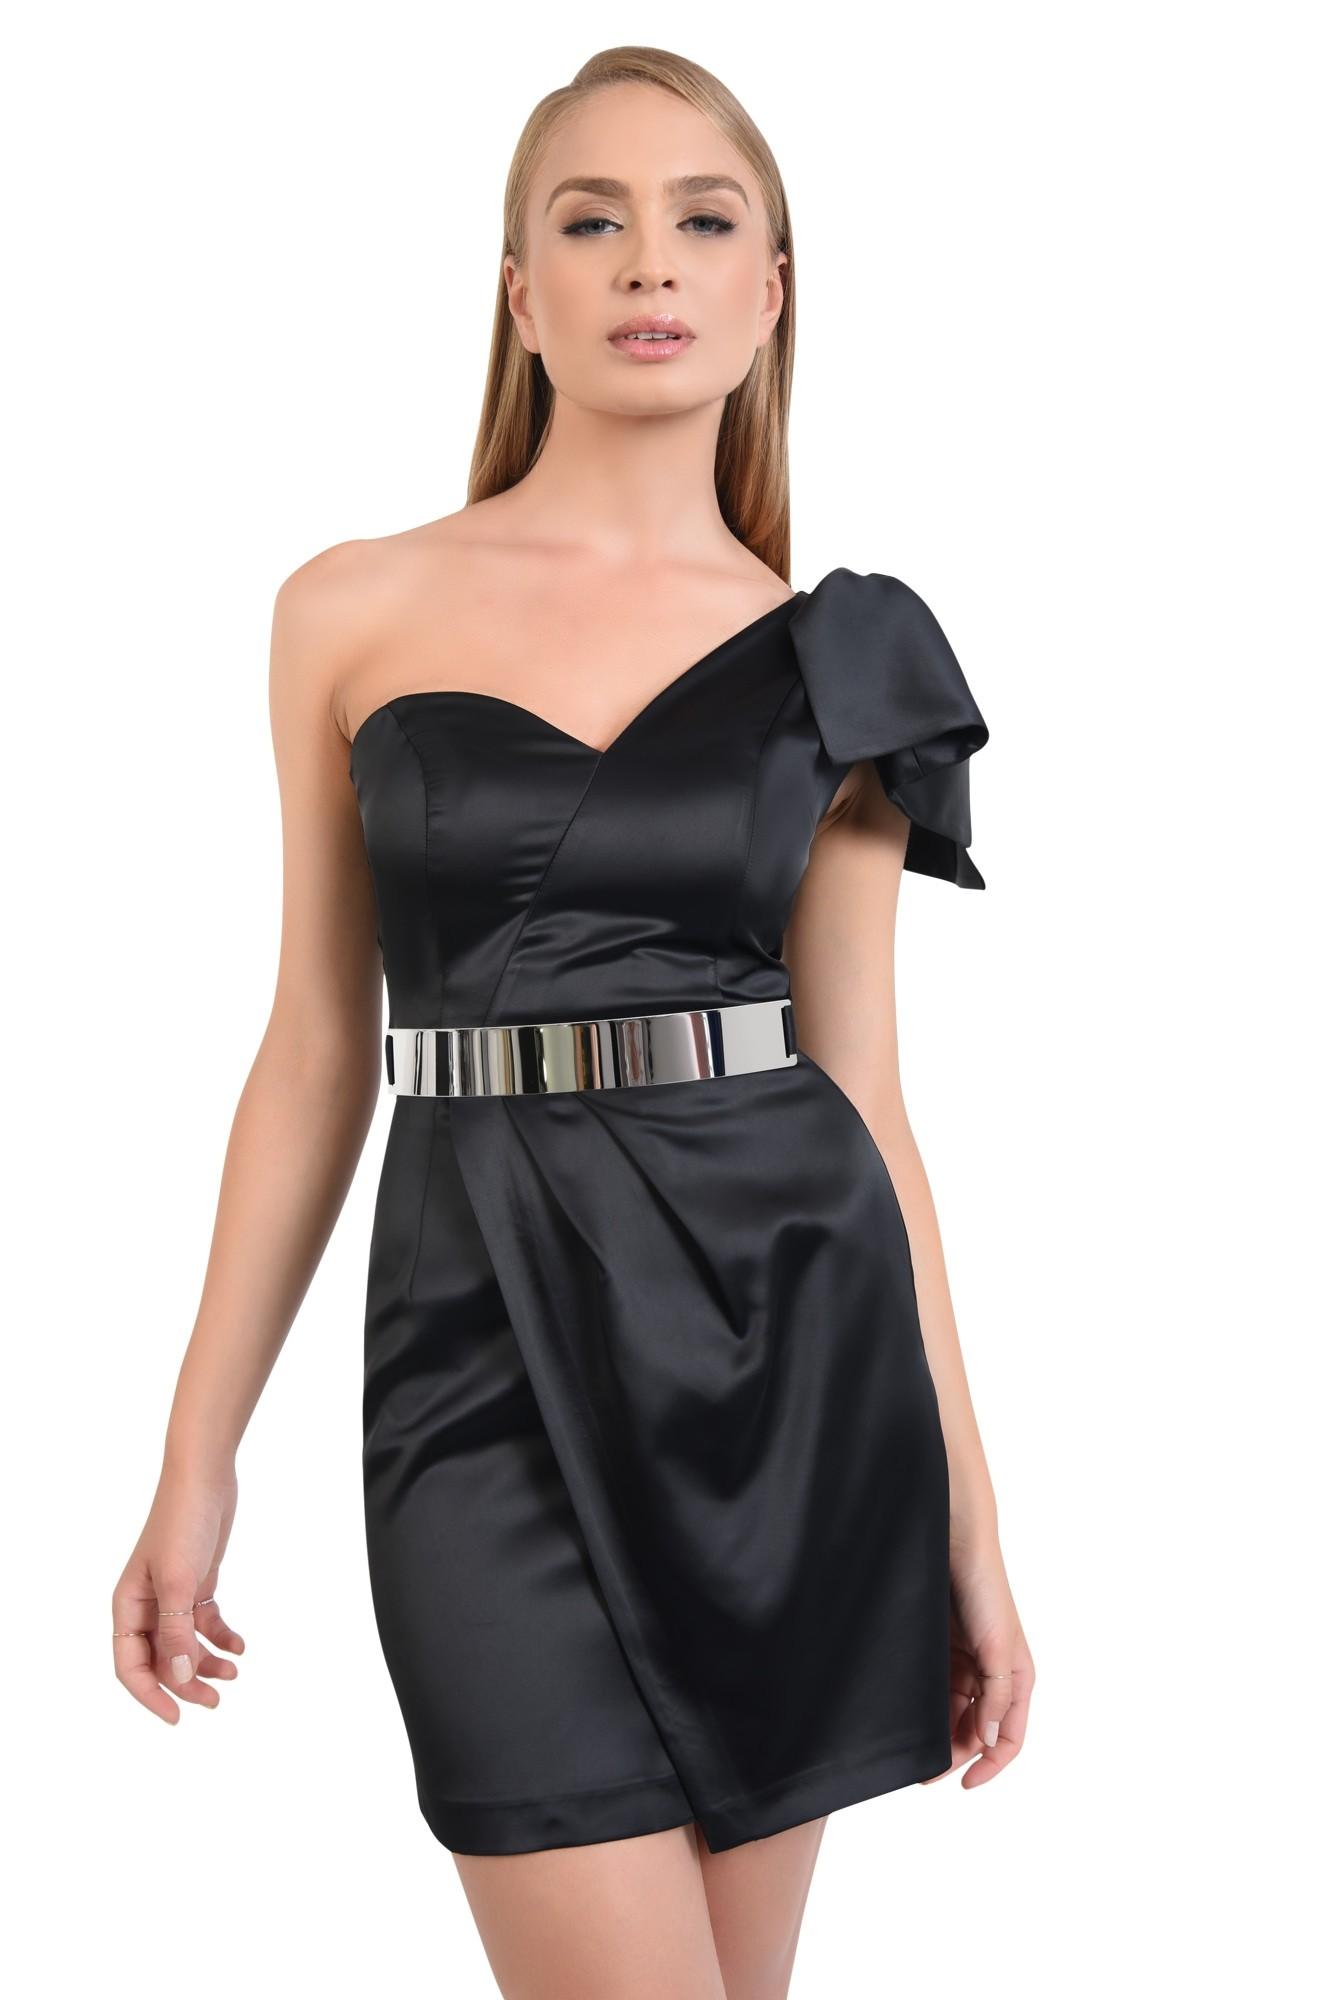 0 - rochie eleganta, mini, satin, centura metalica, decolteu